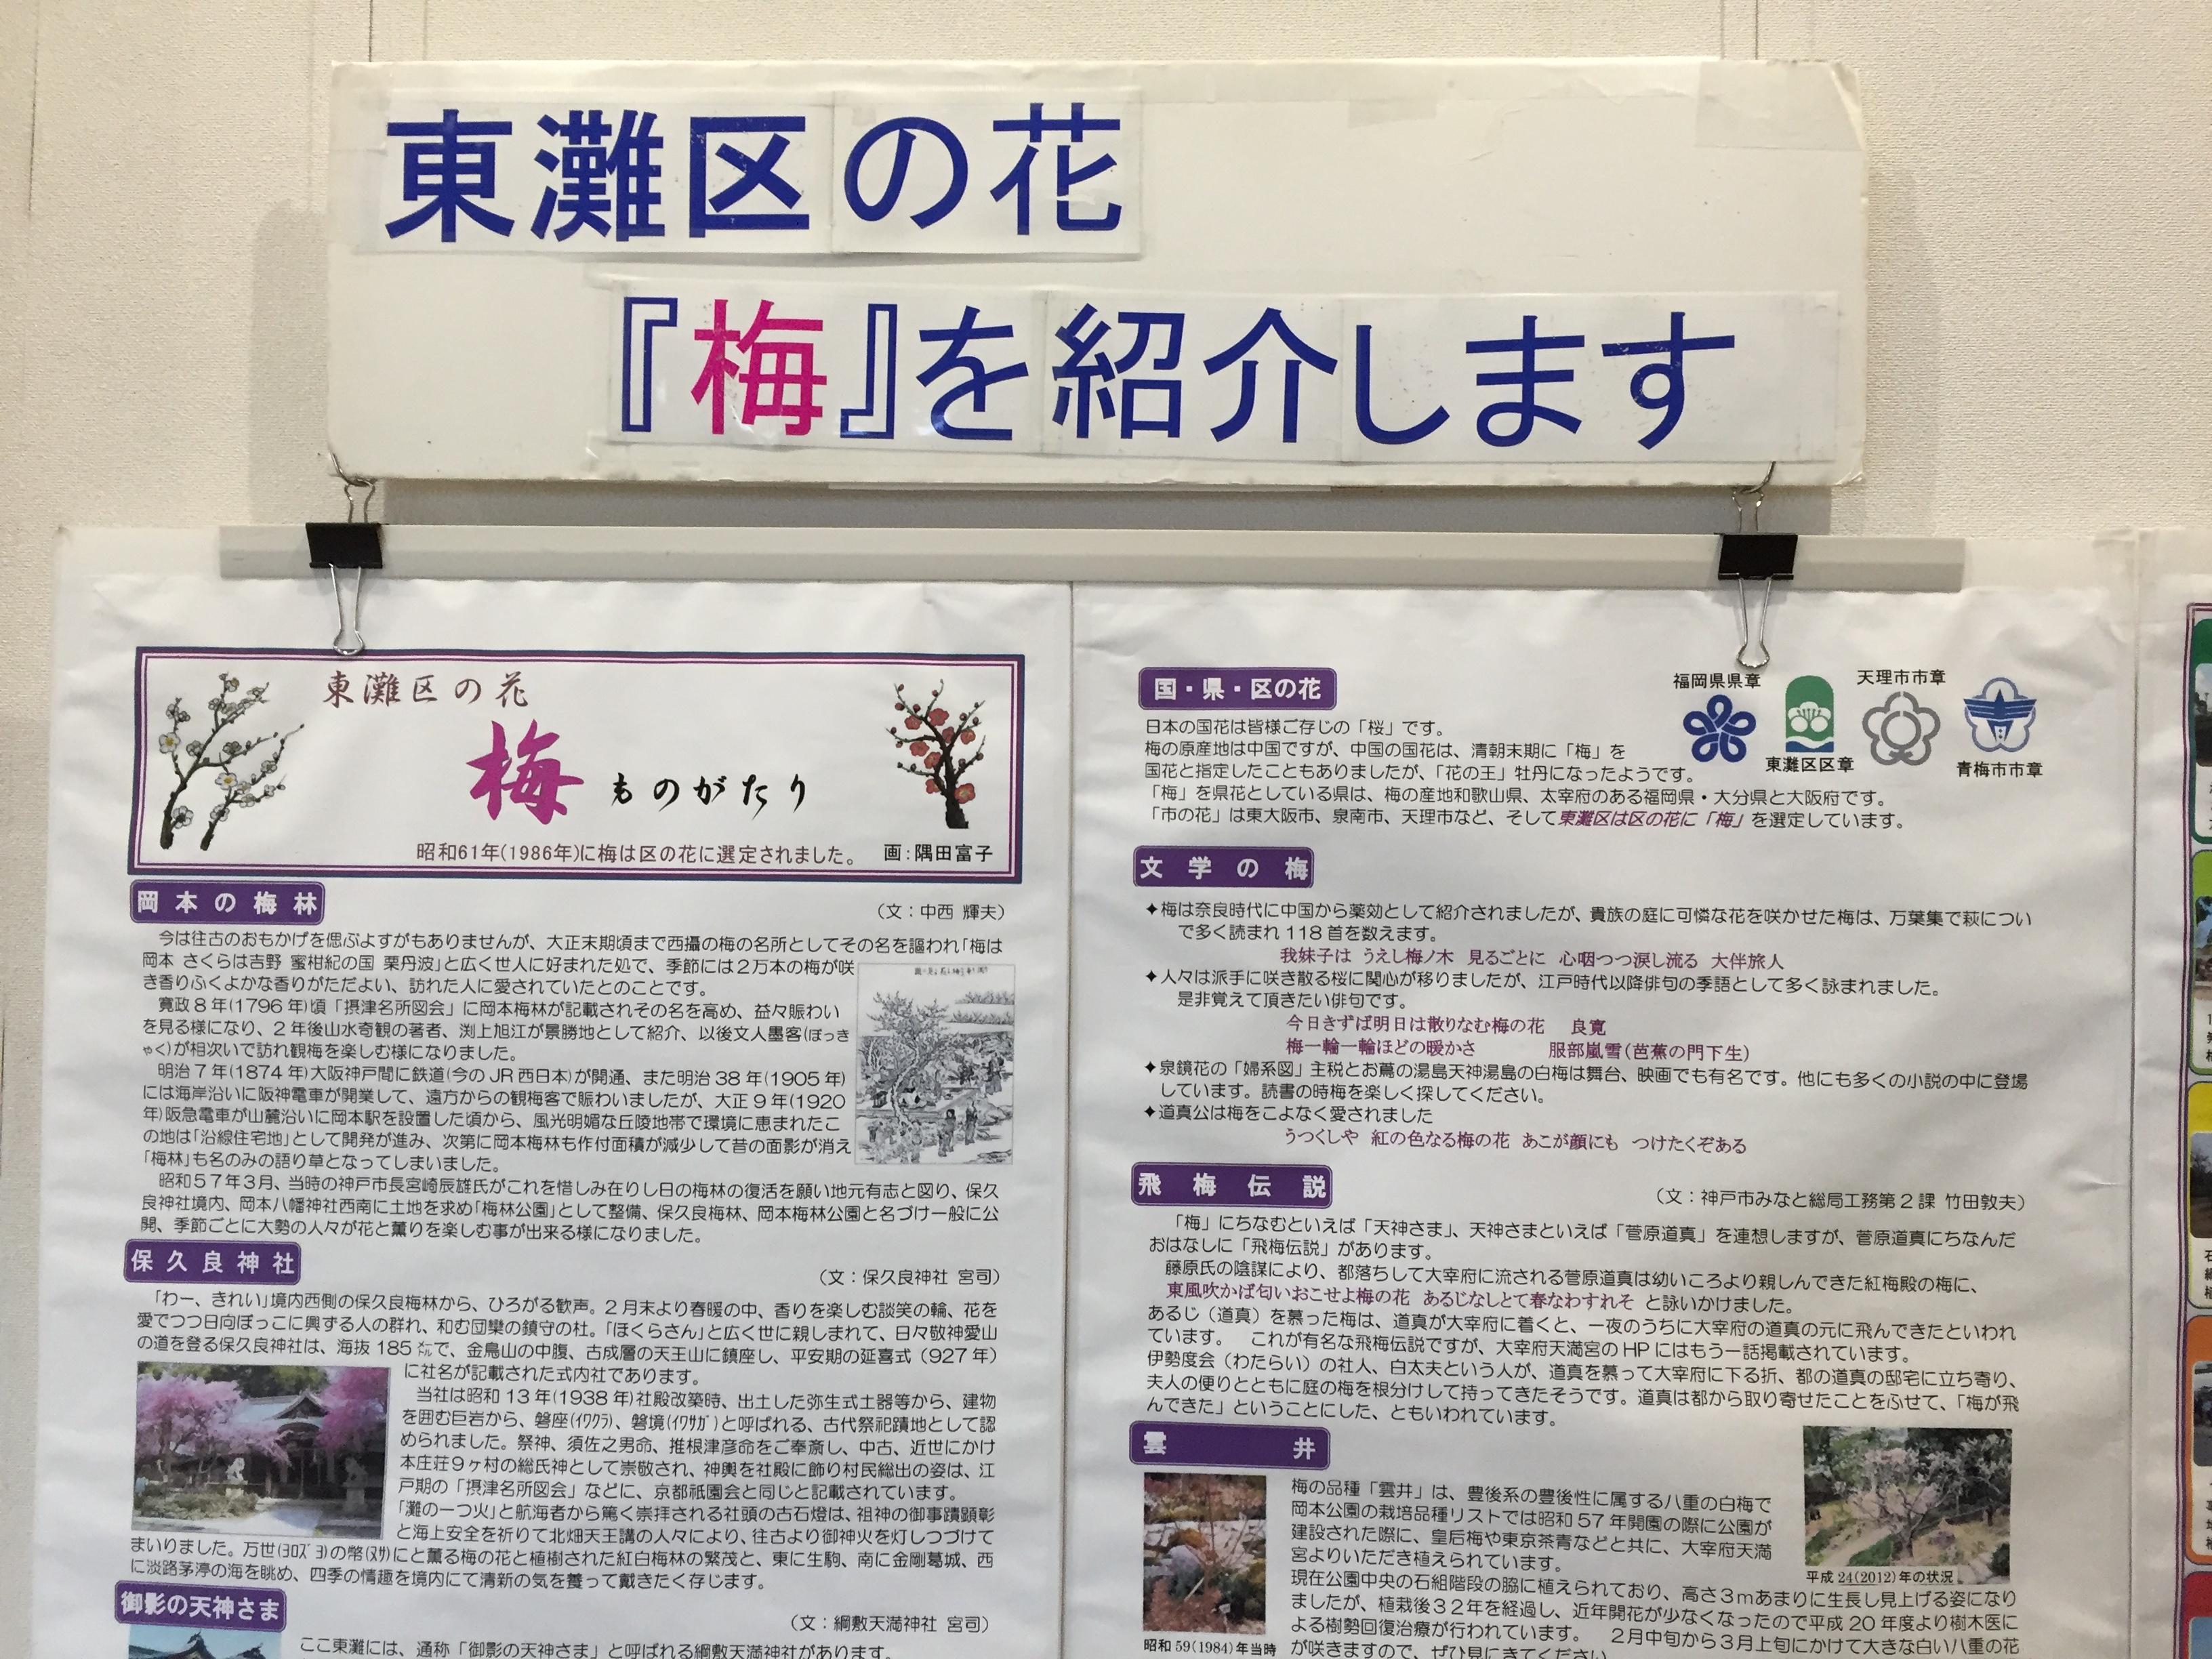 神戸市立東灘区民センターで梅の写真展 (無料)がただ今開催中!【写真付案内】